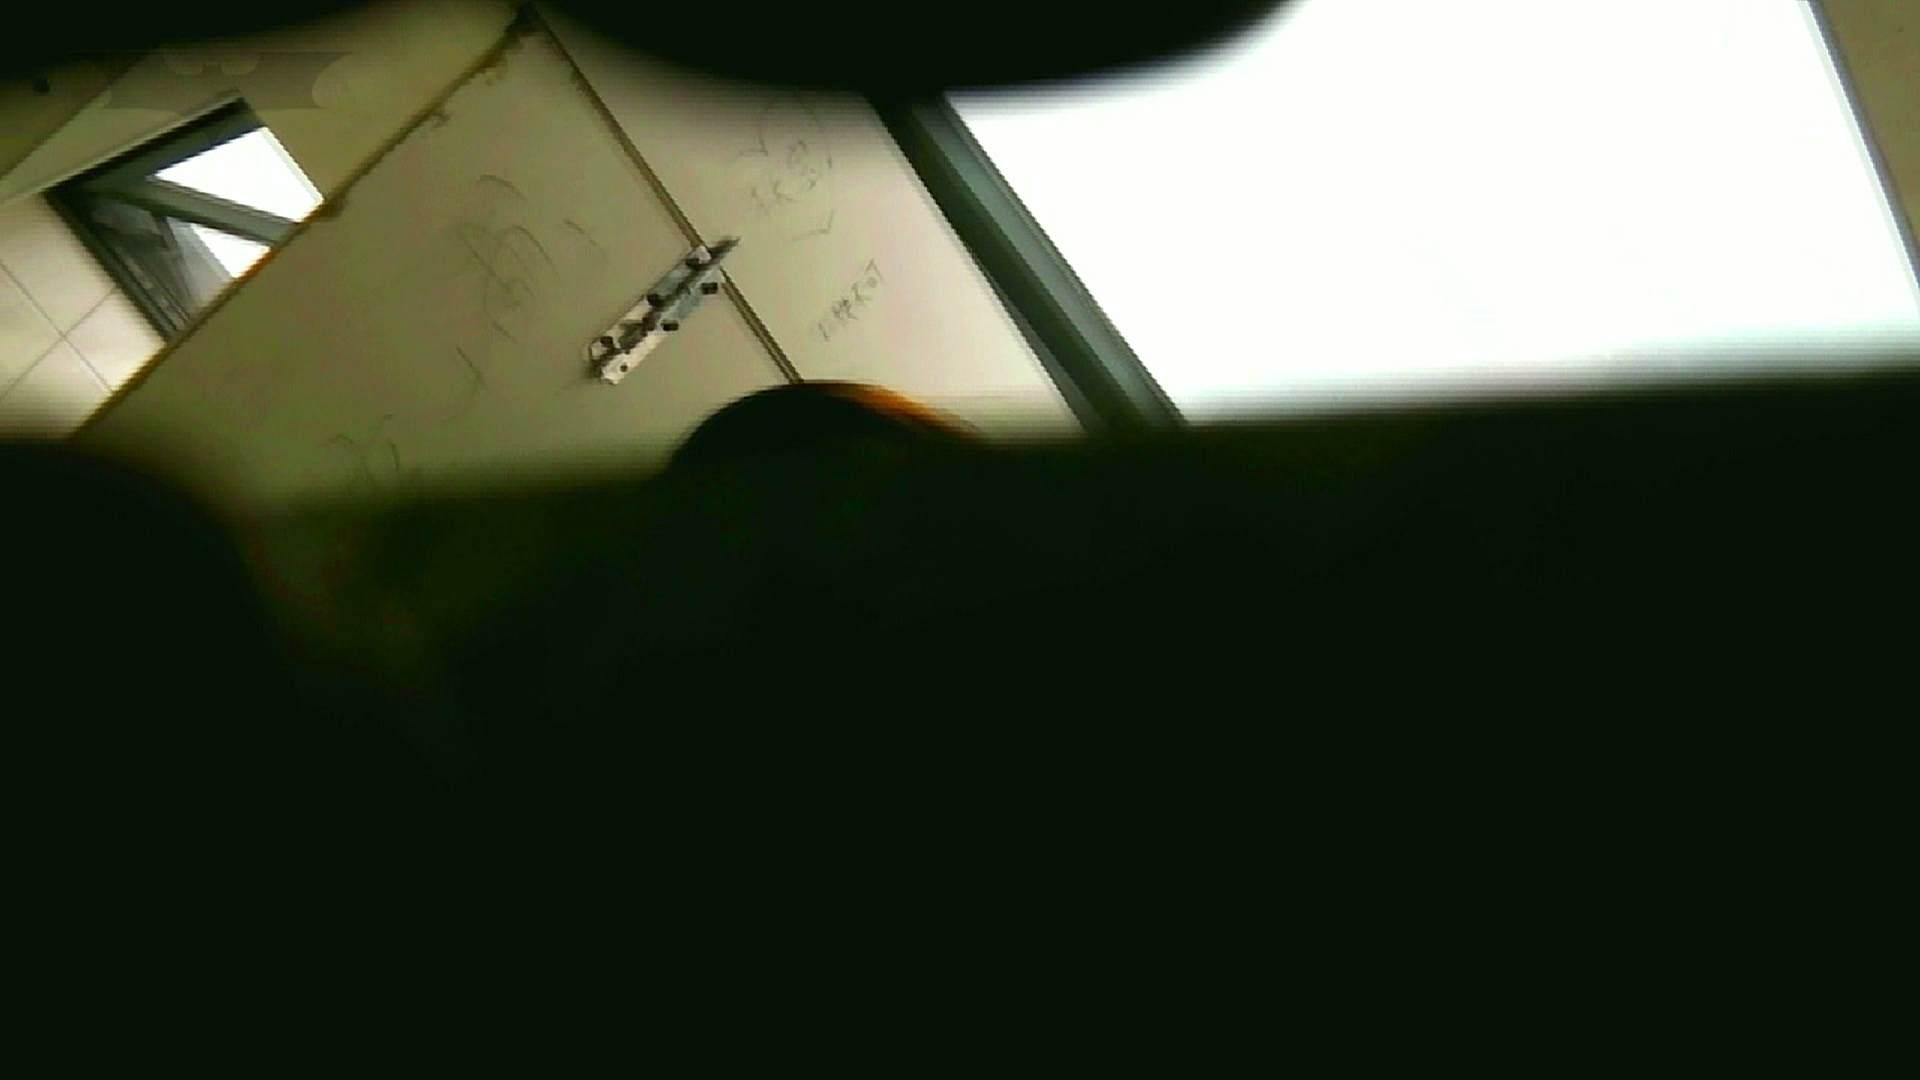 ステーション編 vol.29 頭二つ飛び出る180cm長身モデル エッチすぎるOL達 | 美しいモデル  80連発 19